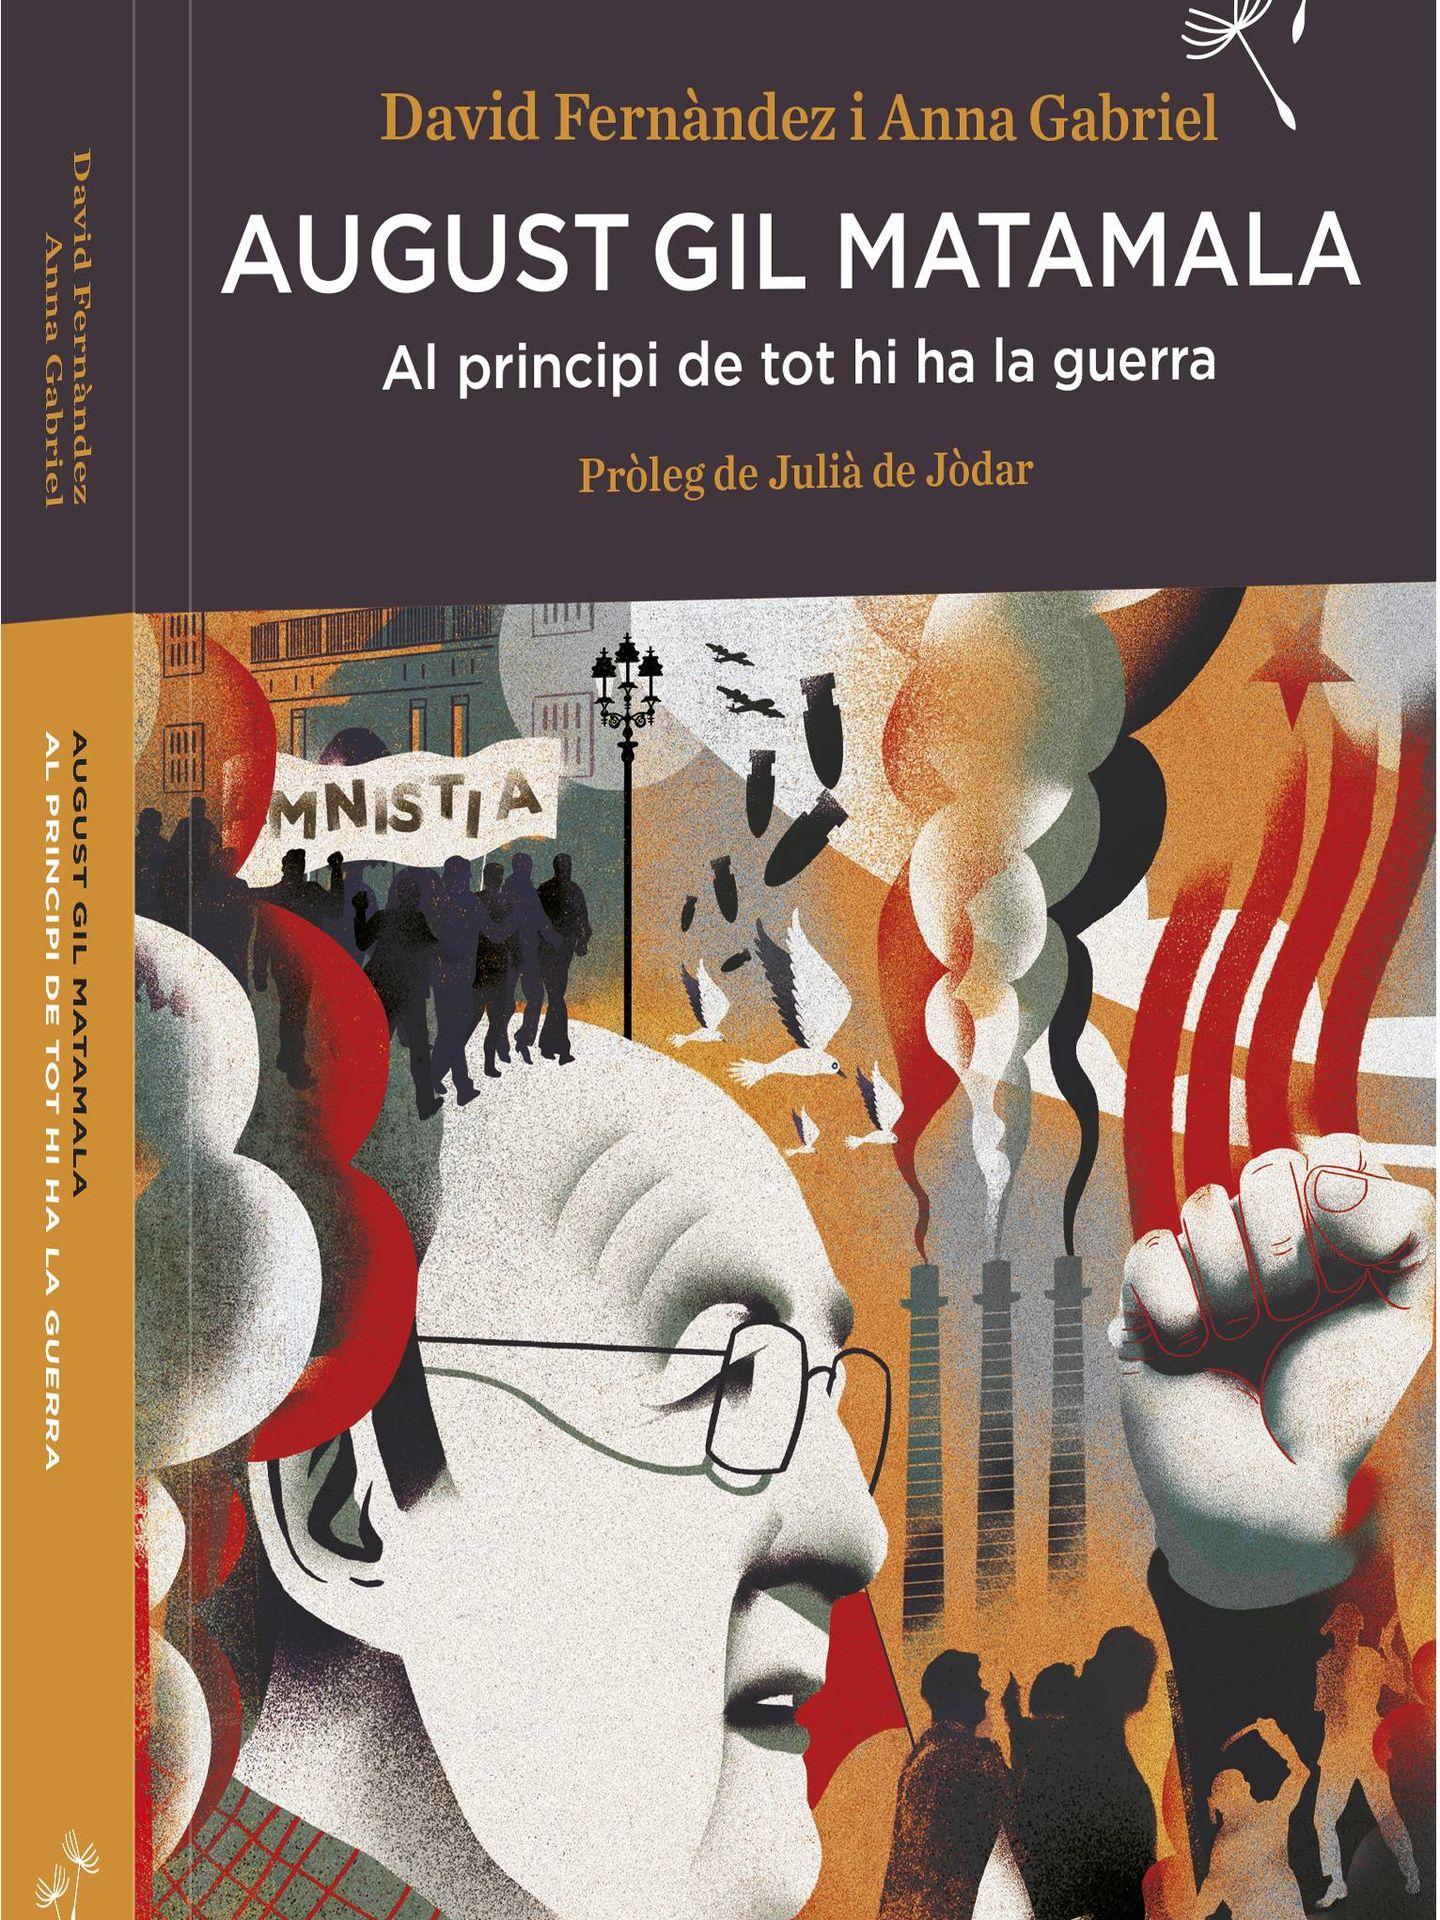 Memorias de Augusta Gil Matamala, escritas por Anna Gabriel y David Fernández.